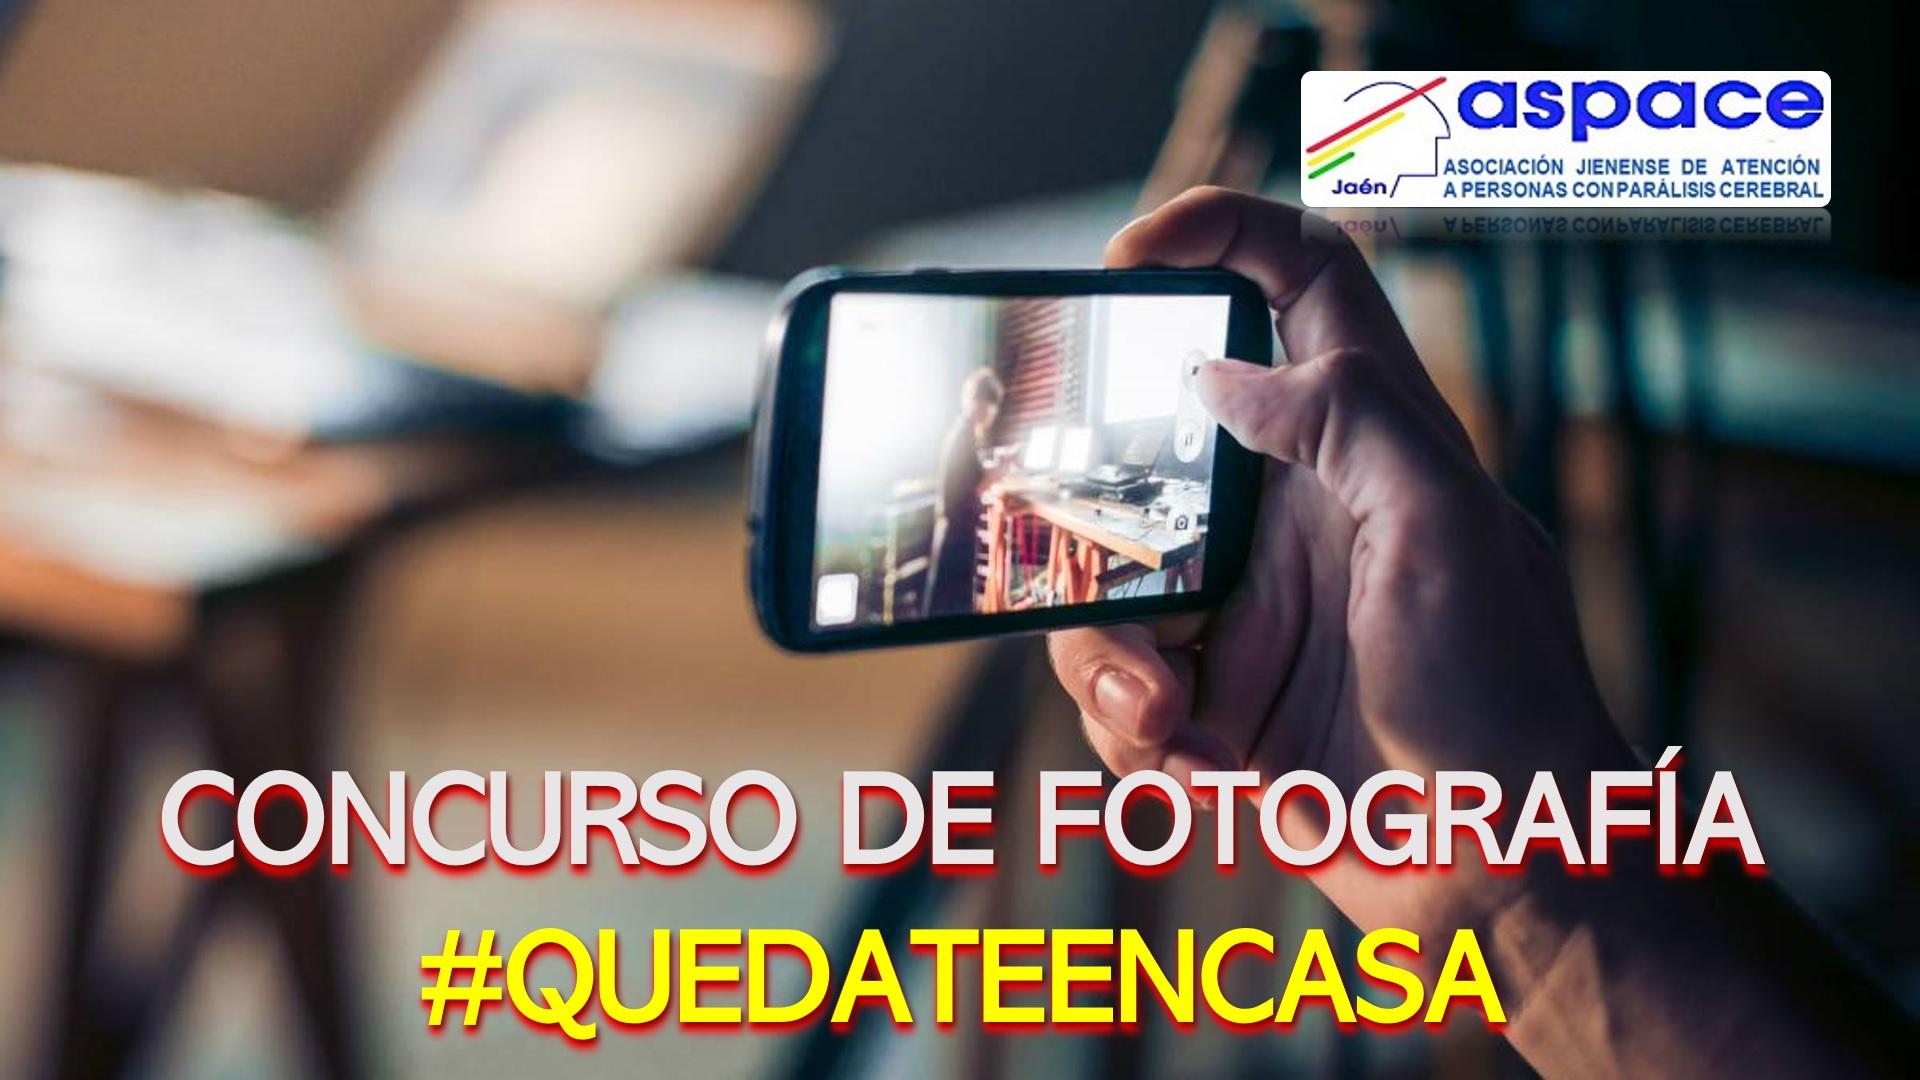 Participa en el Concurso de Fotografía de Aspace Jaén #QuedateEnCasa